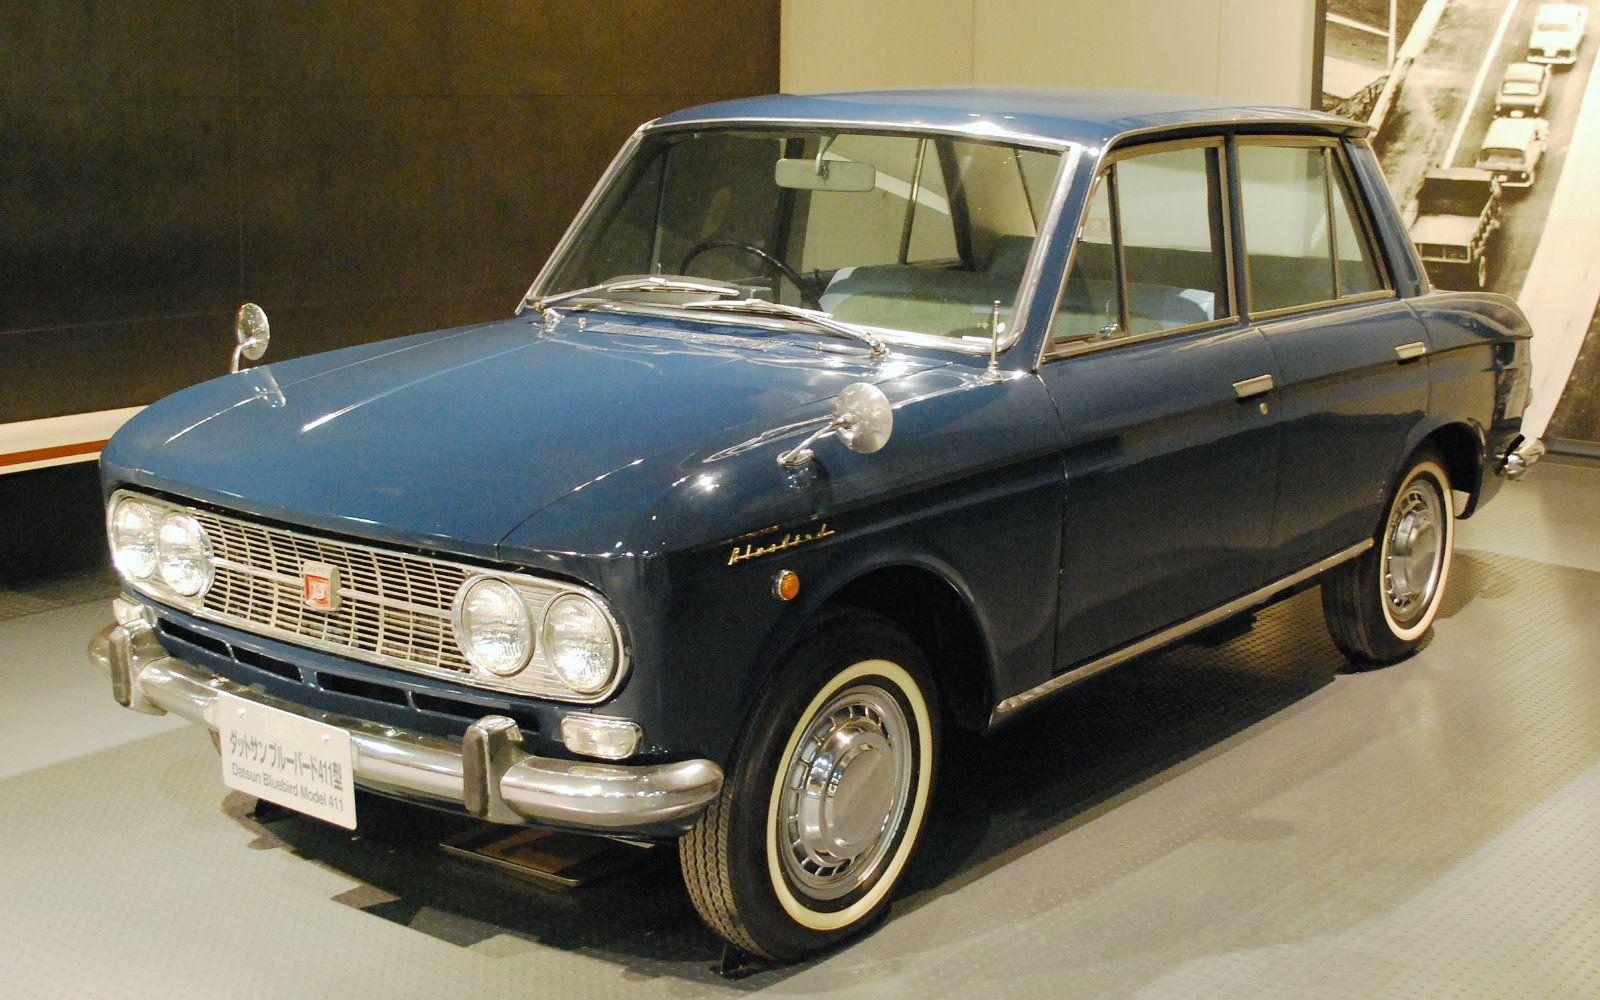 65' Bluebird Autos